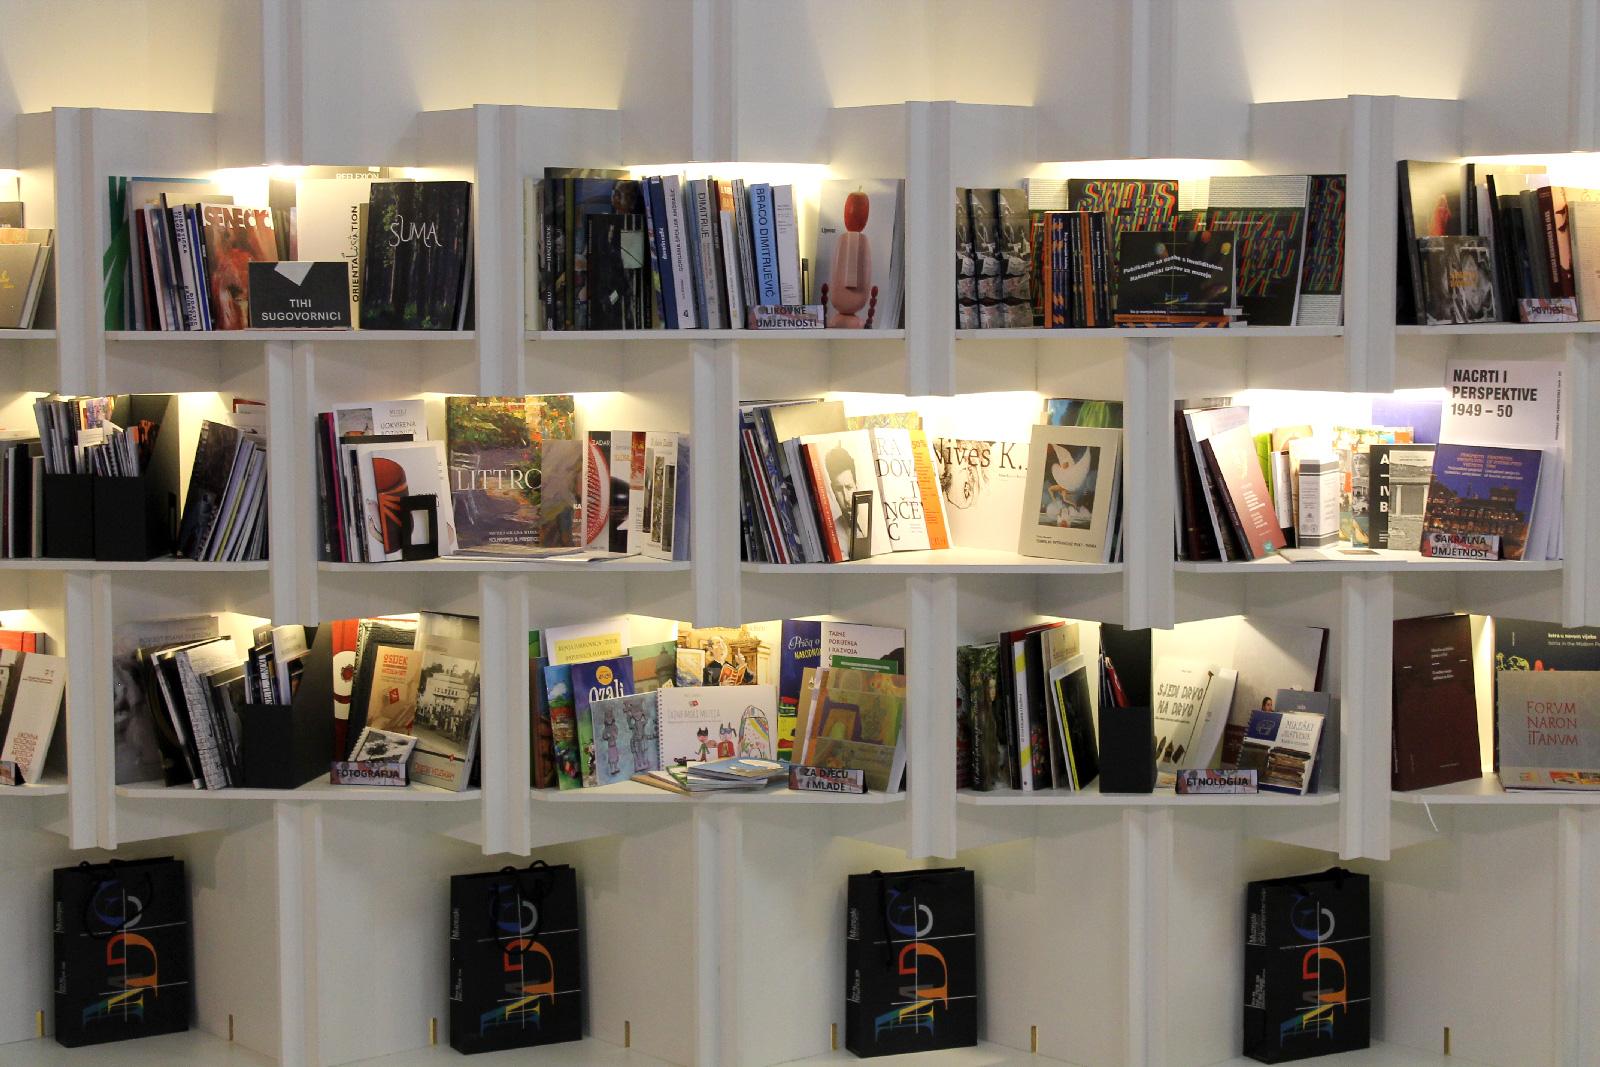 Znanje i učenje kao izdvojene teme ovogodišnjeg Interlibera